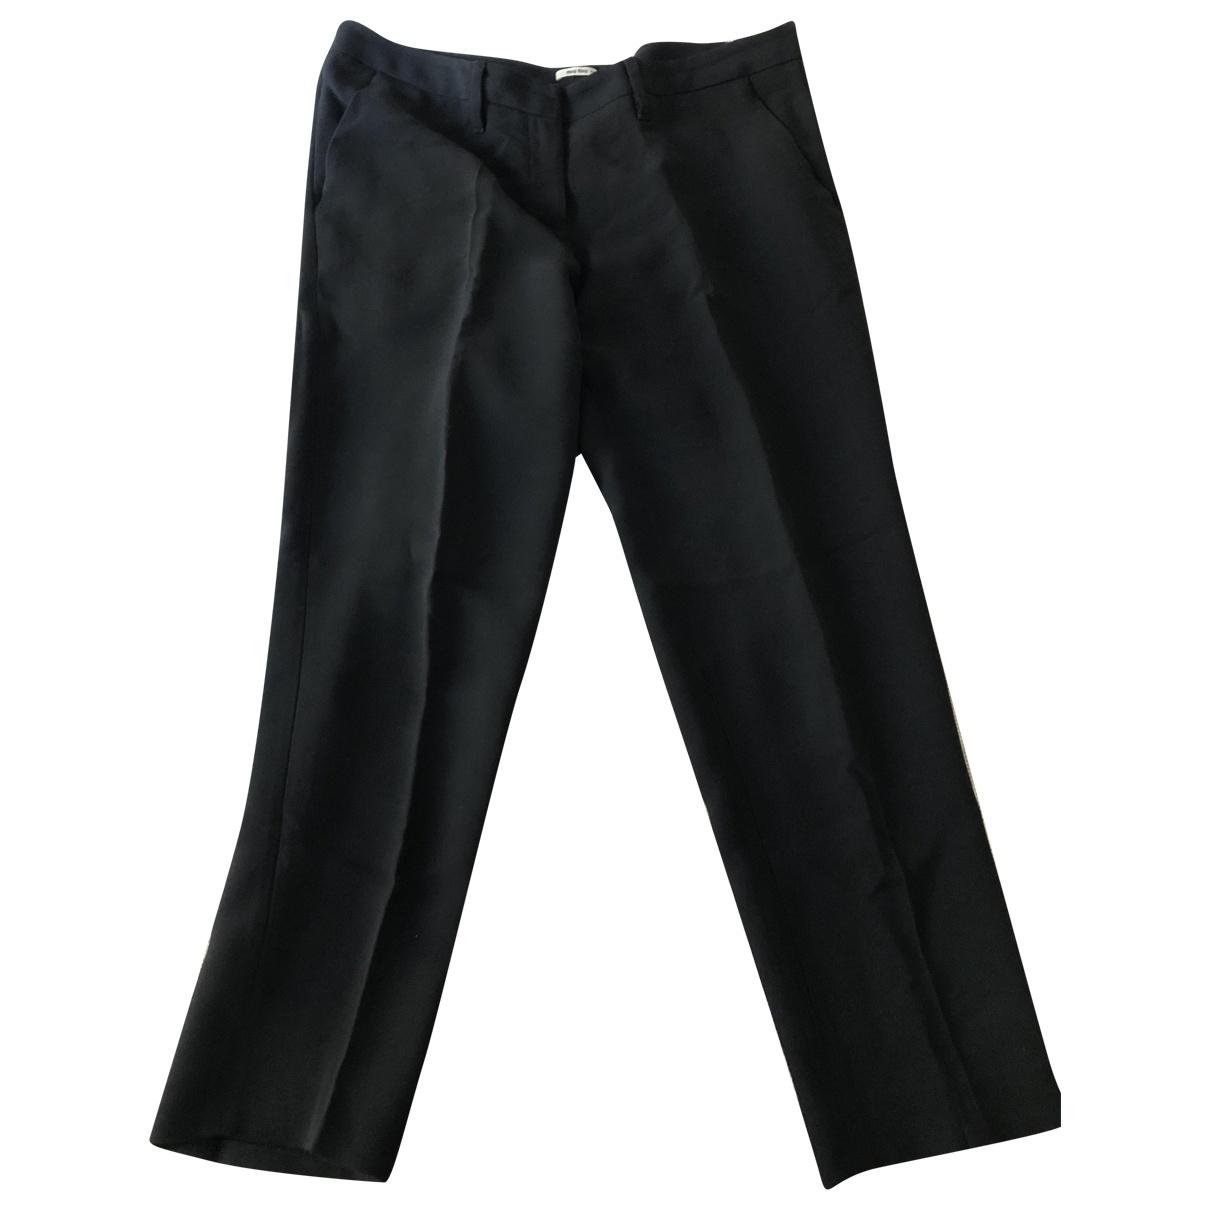 Miu Miu \N Navy Trousers for Women 44 IT